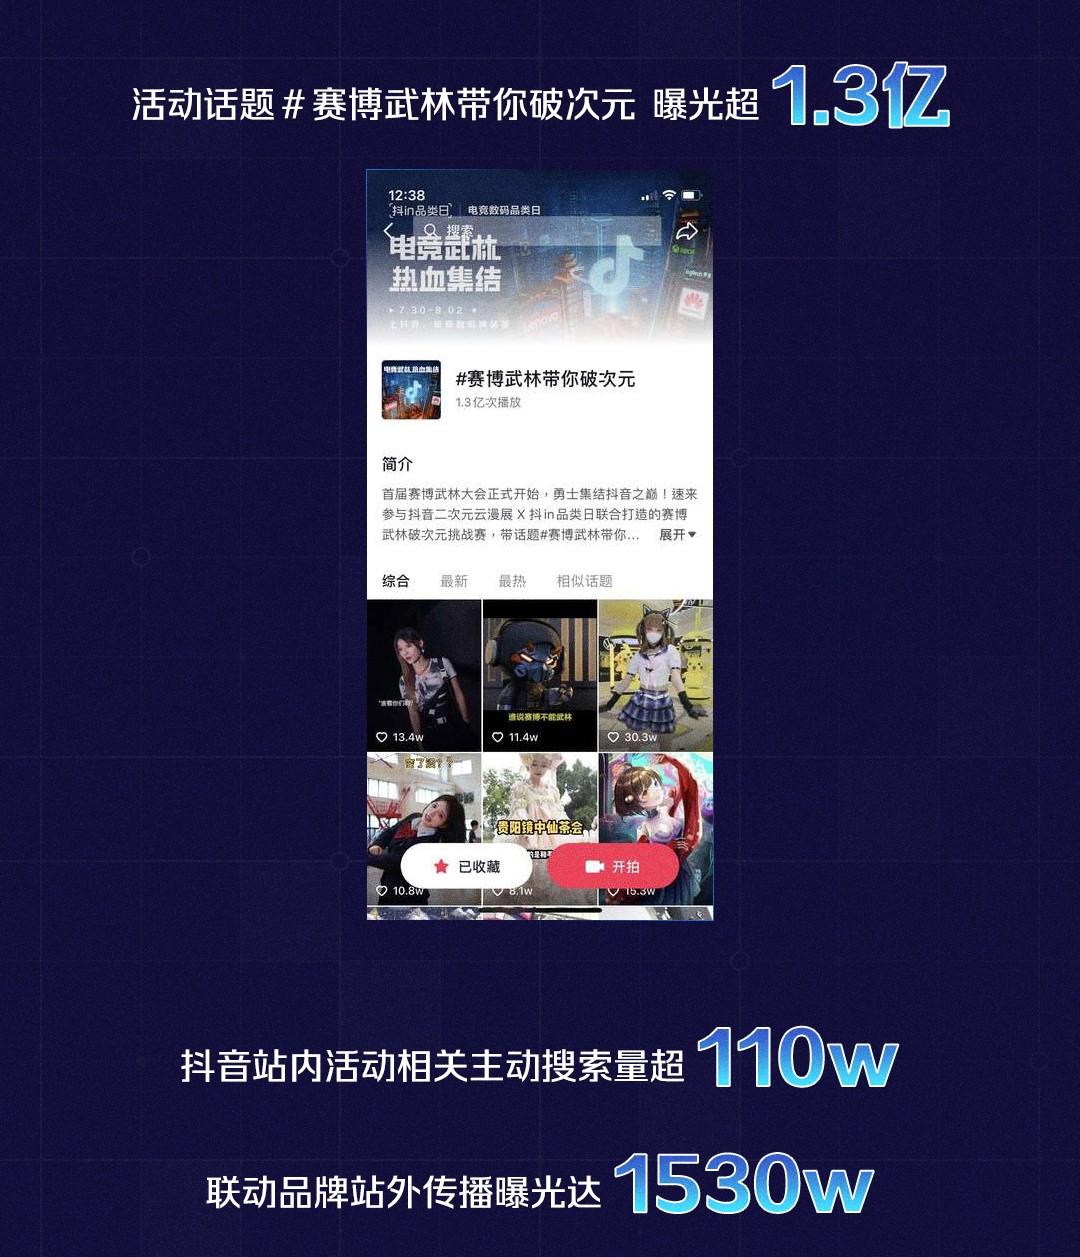 抖in品类日联动ChinaJoy,用新玩法连接品牌与用户